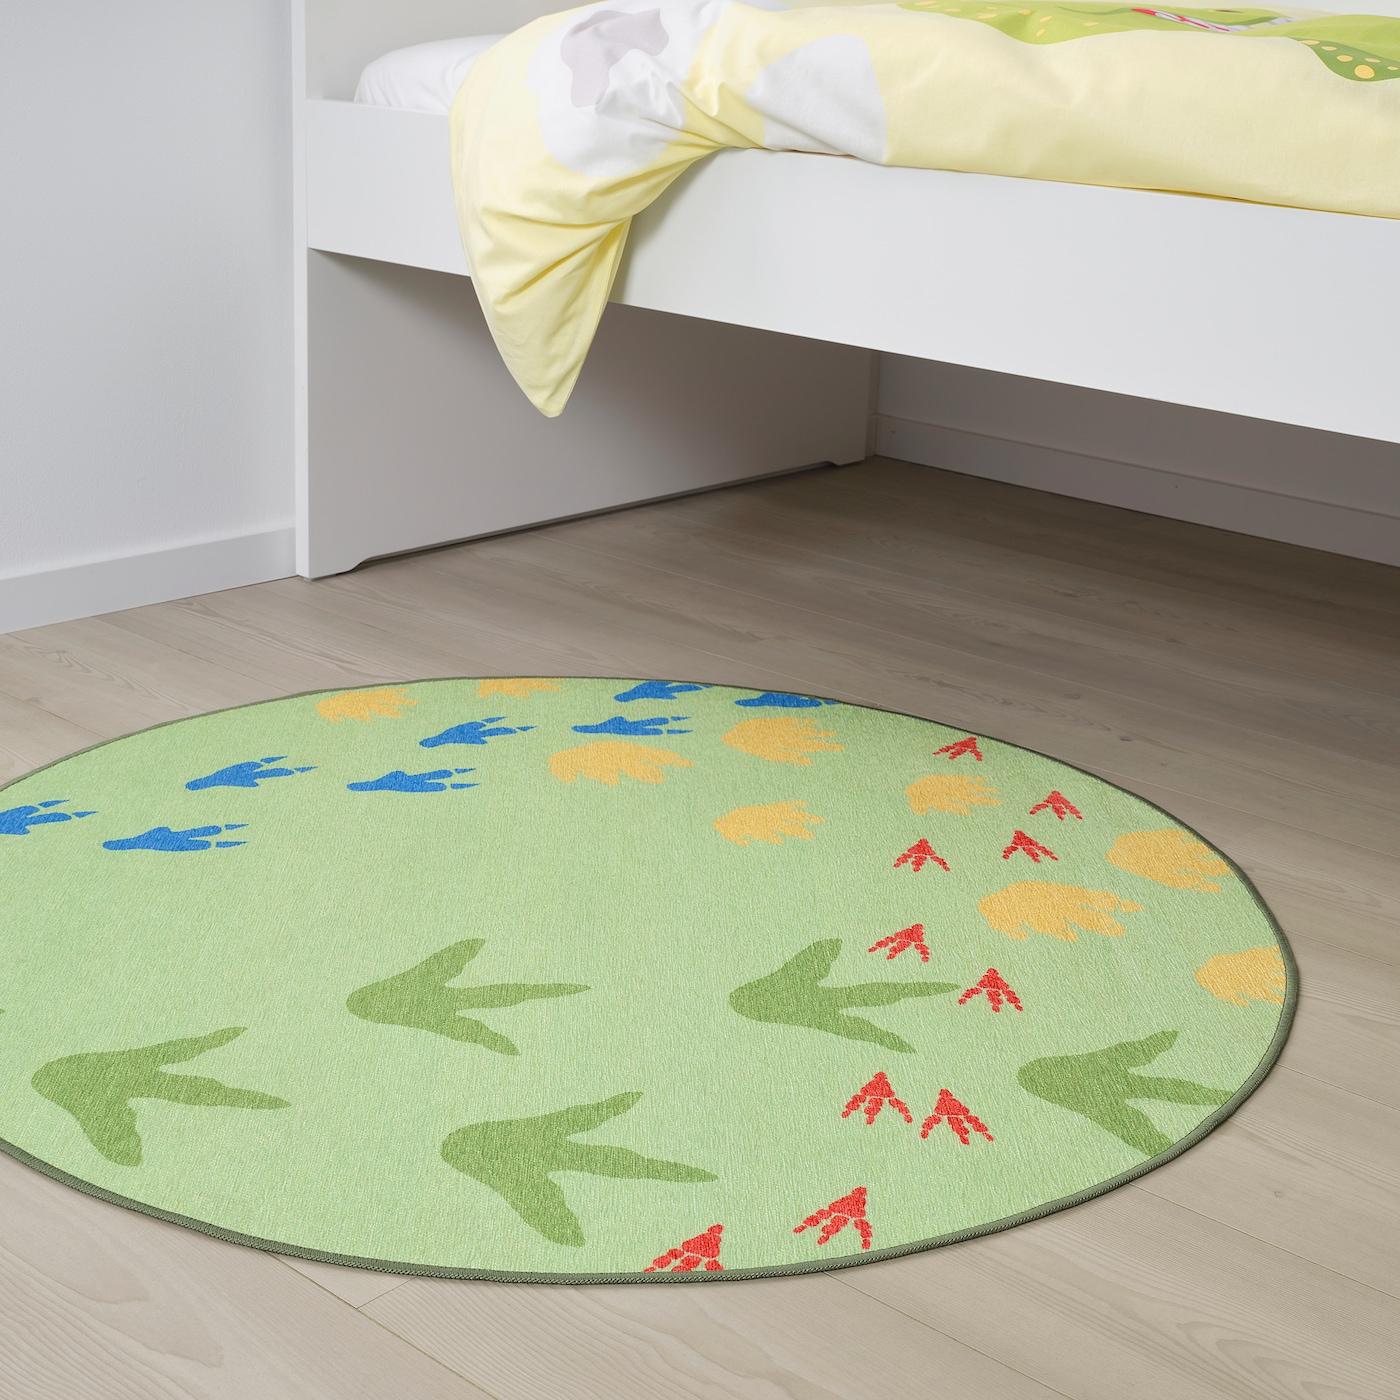 JÄTTELIK Rug, flatwoven, Dinosaur tracks/green, 100 cm